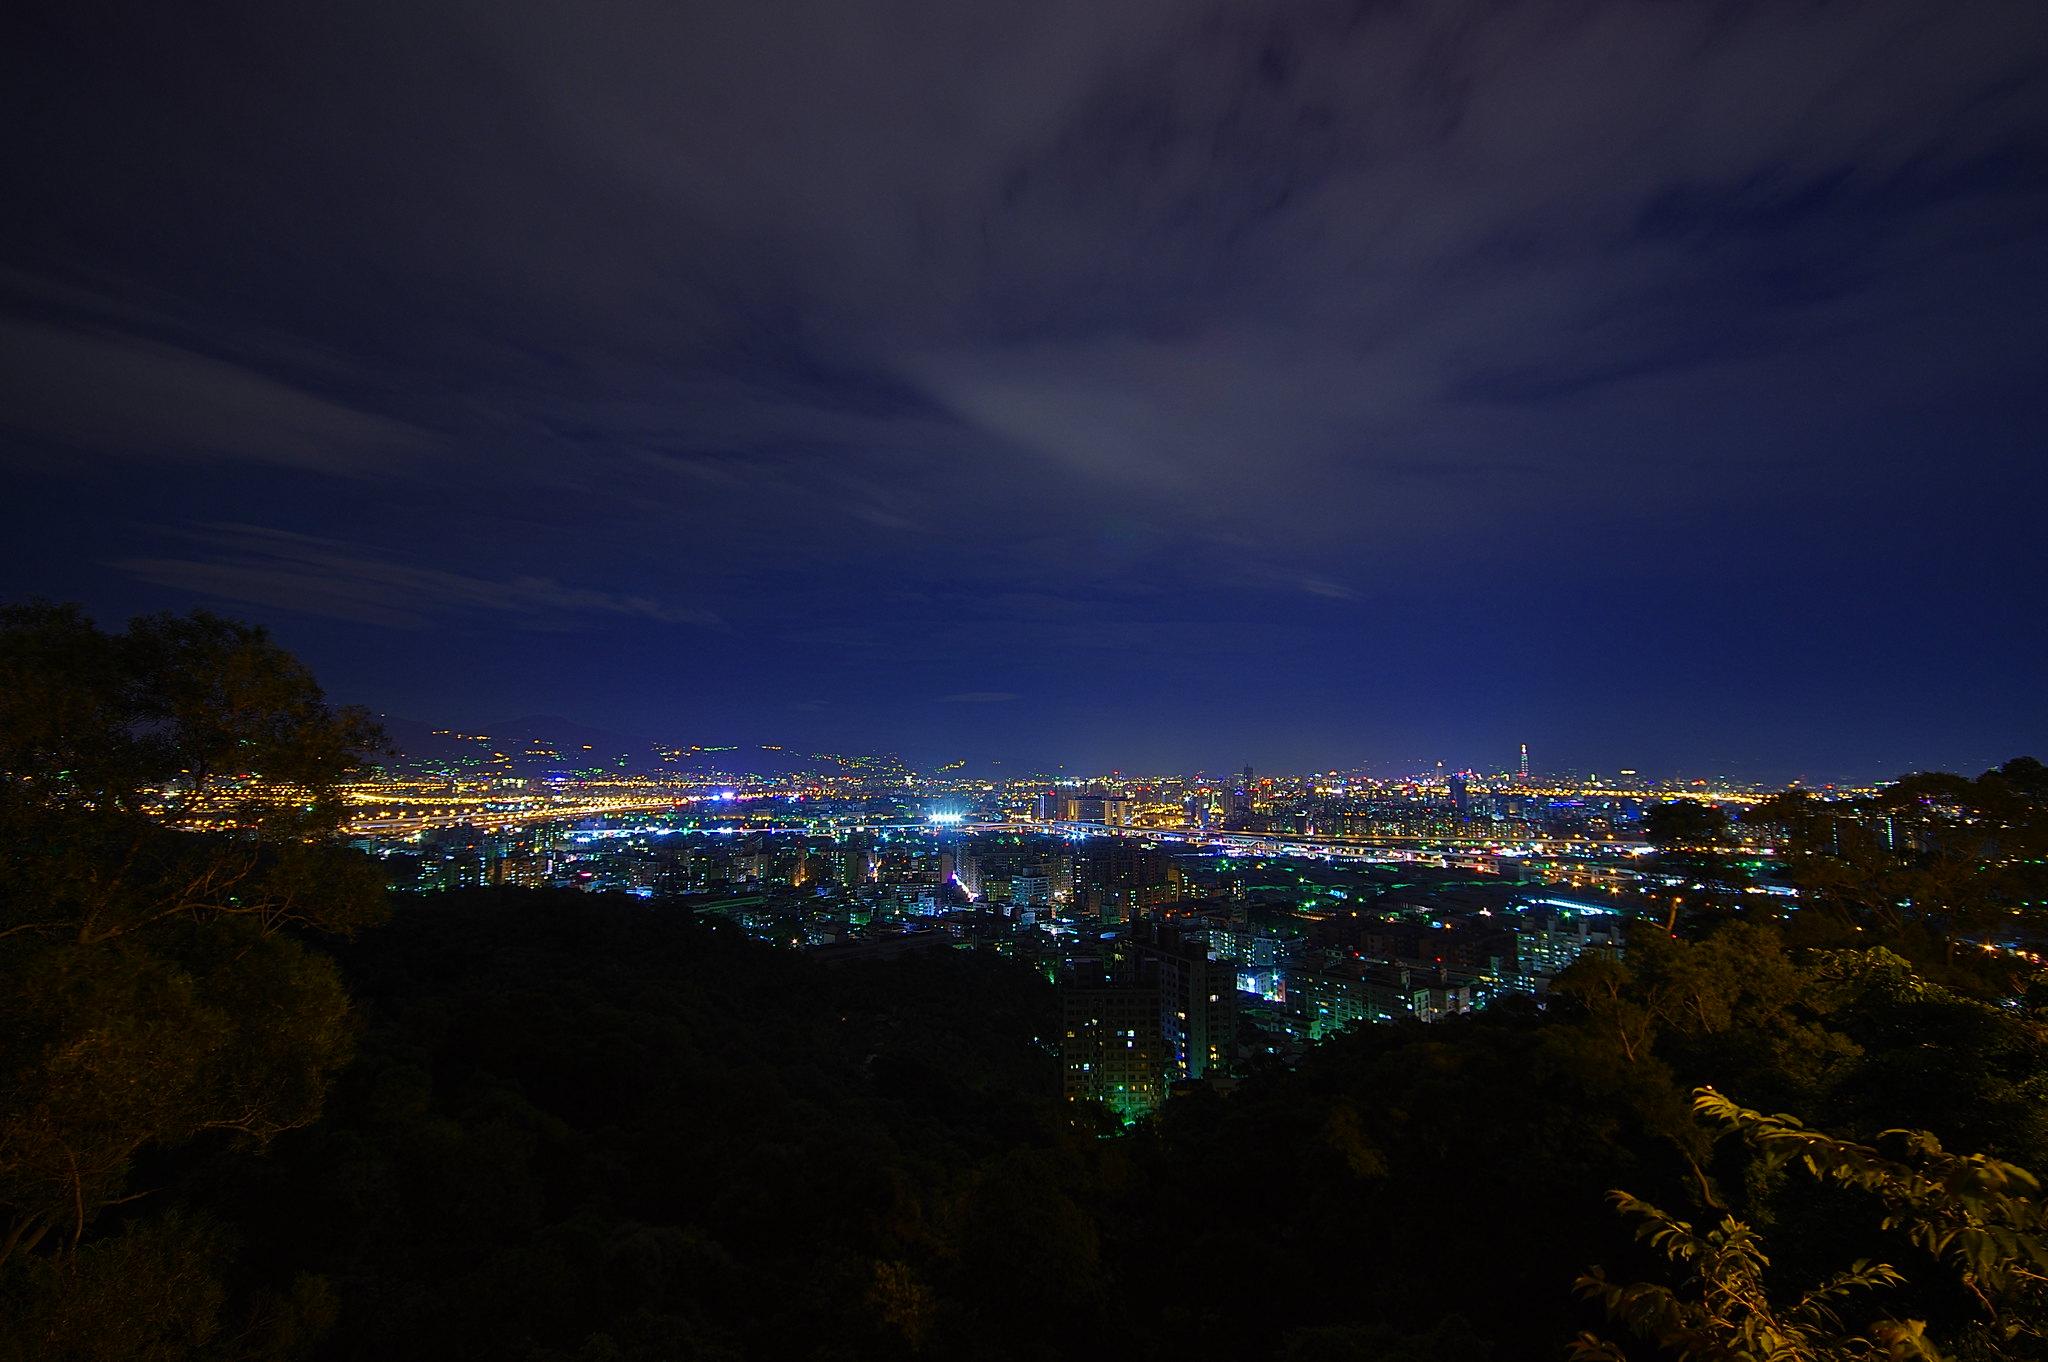 泰山五股夜景